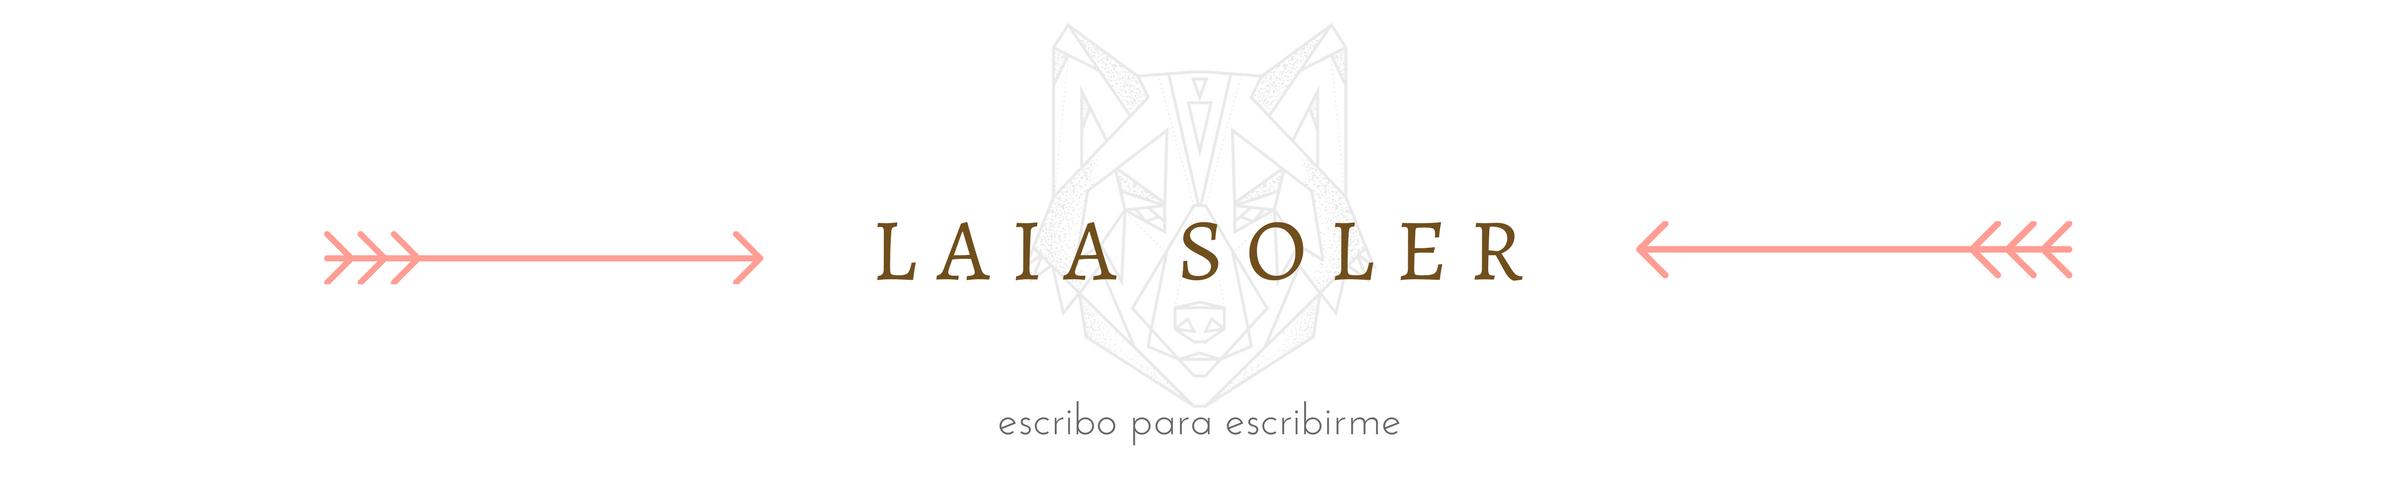 Laia Soler